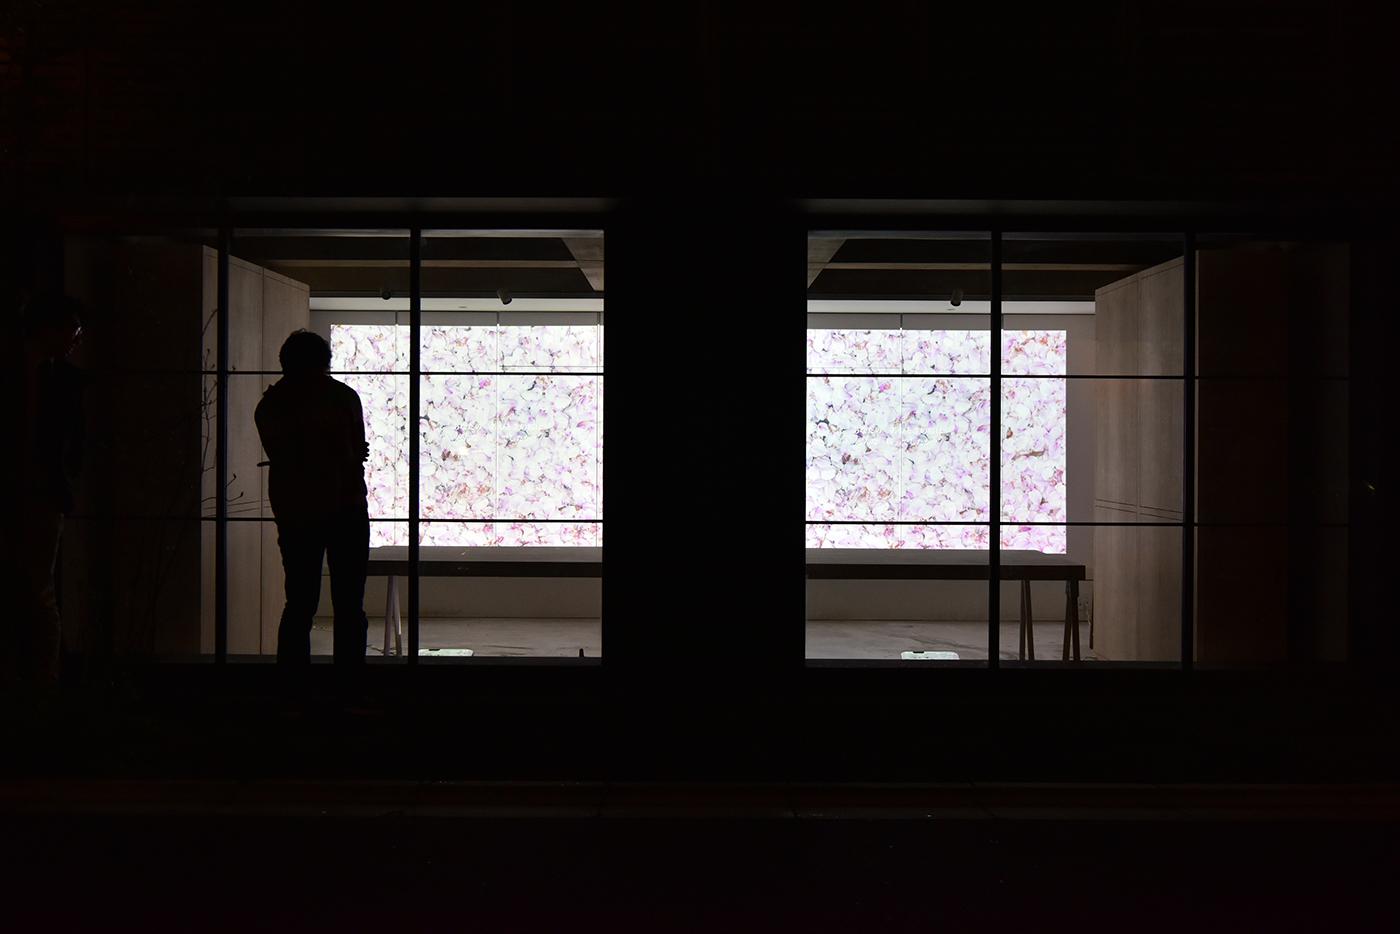 インスタレーション、塩谷淳、荻逃魚、代々木、東京、りれがしい、建築家、BoundAboutProject